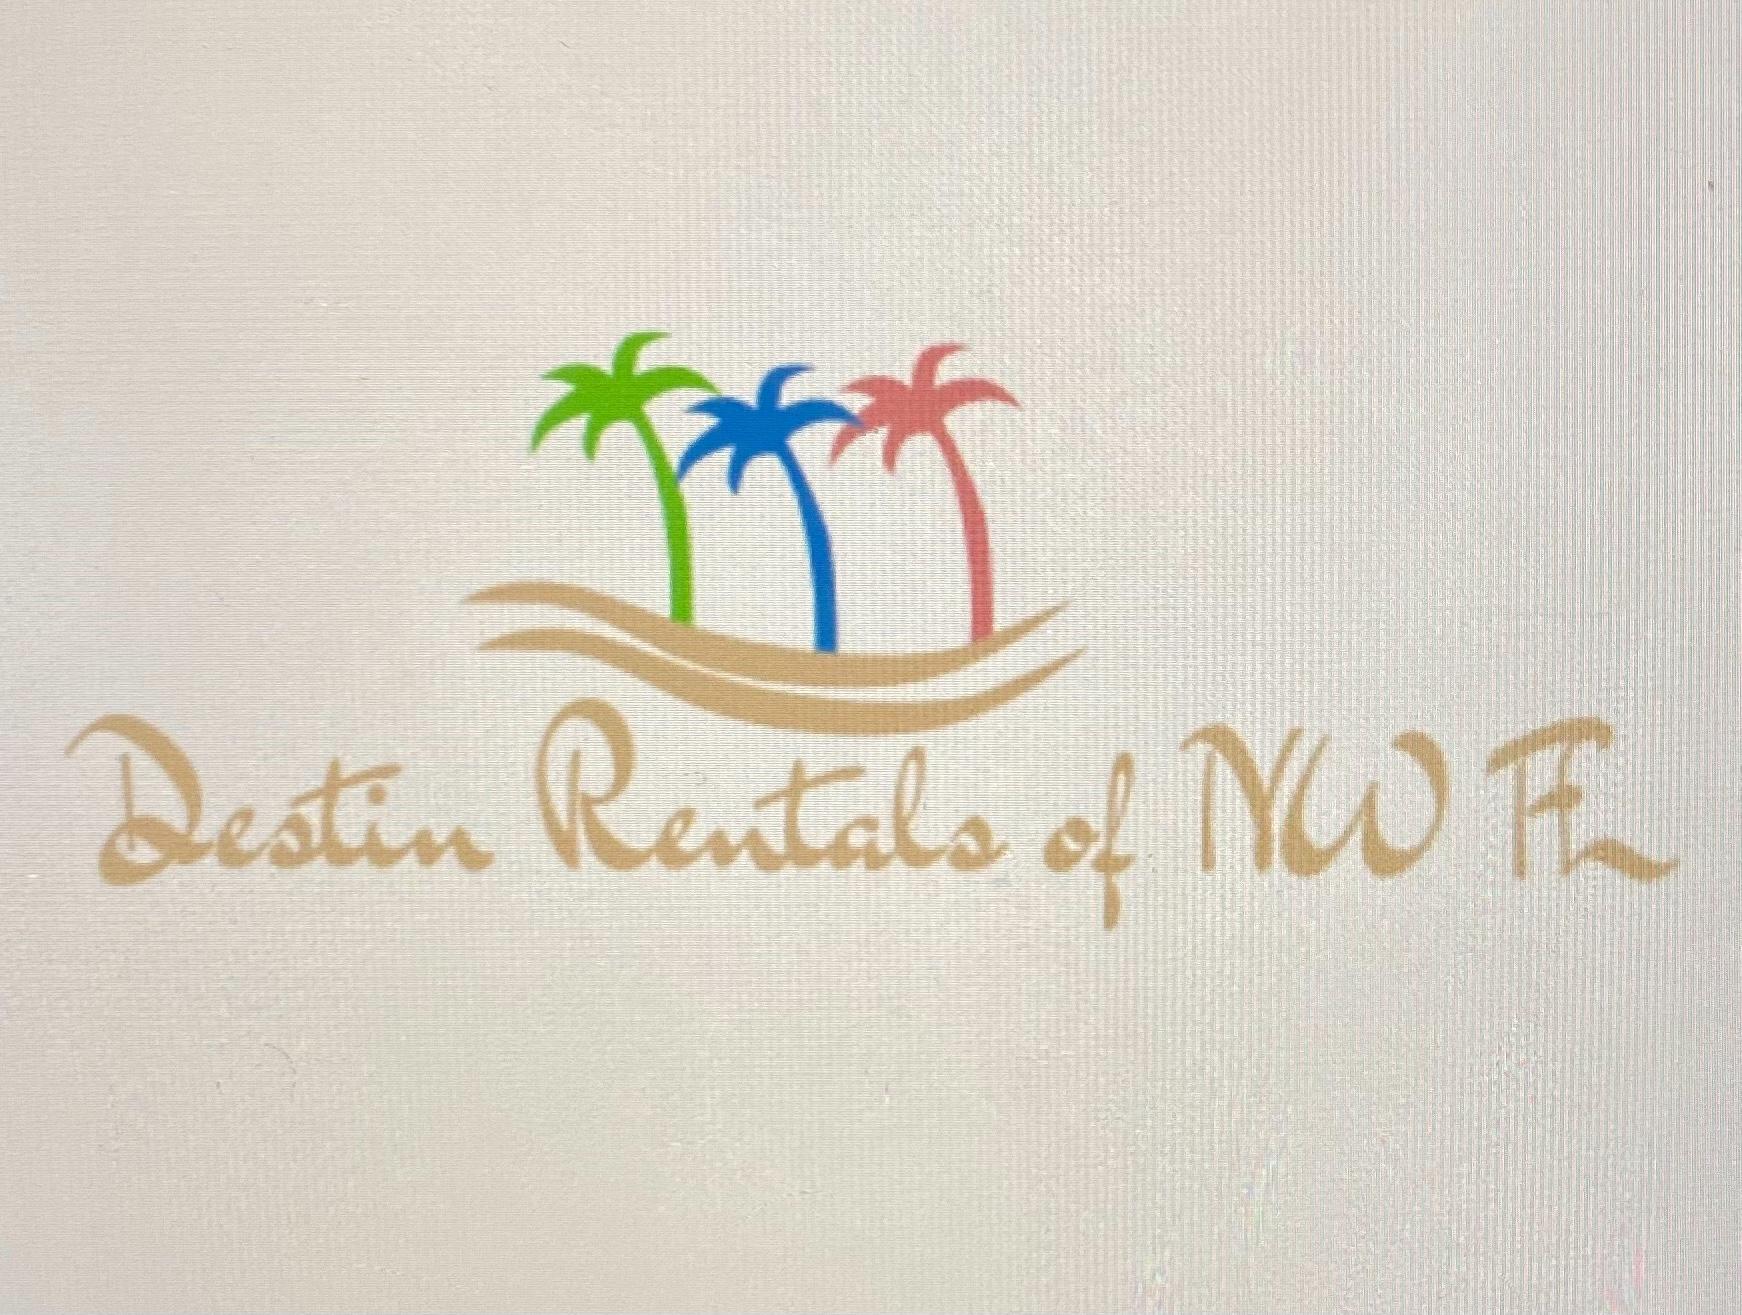 Destin Rentals NW FL